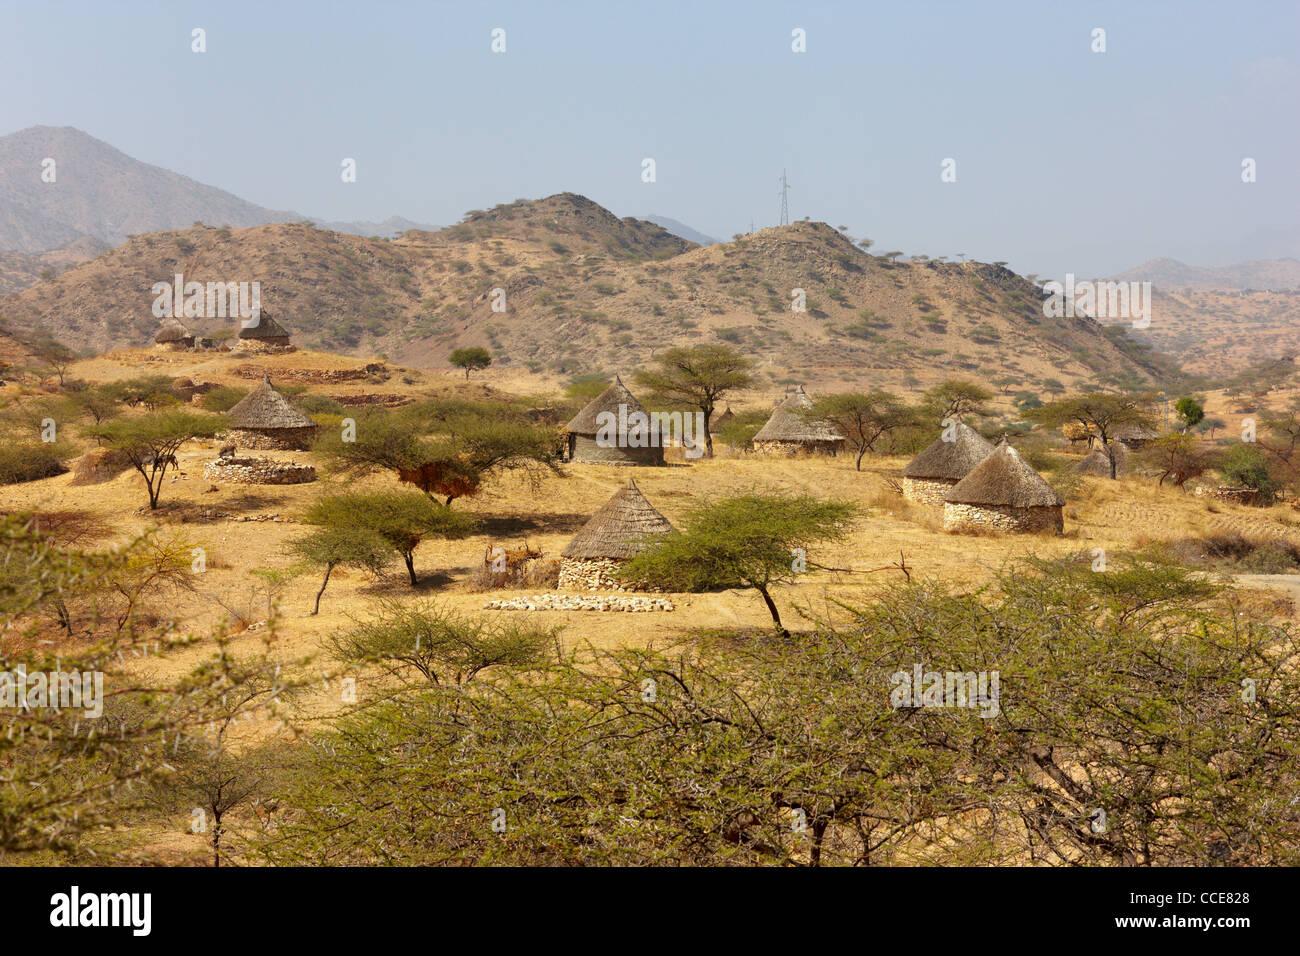 Eritrean Highlands, Eritrea, Africa Stock Photo